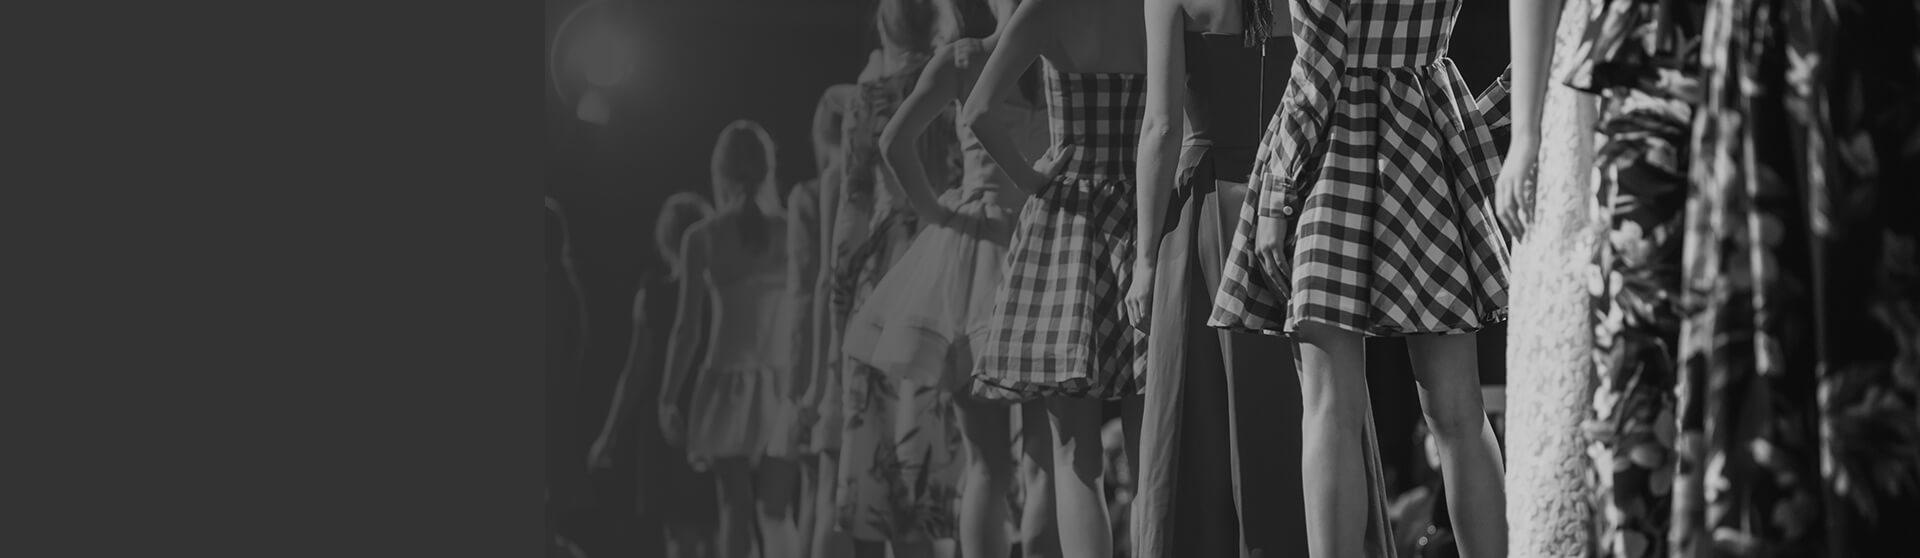 Digitale Schneidlösungen für die Bekleidungsindustrie